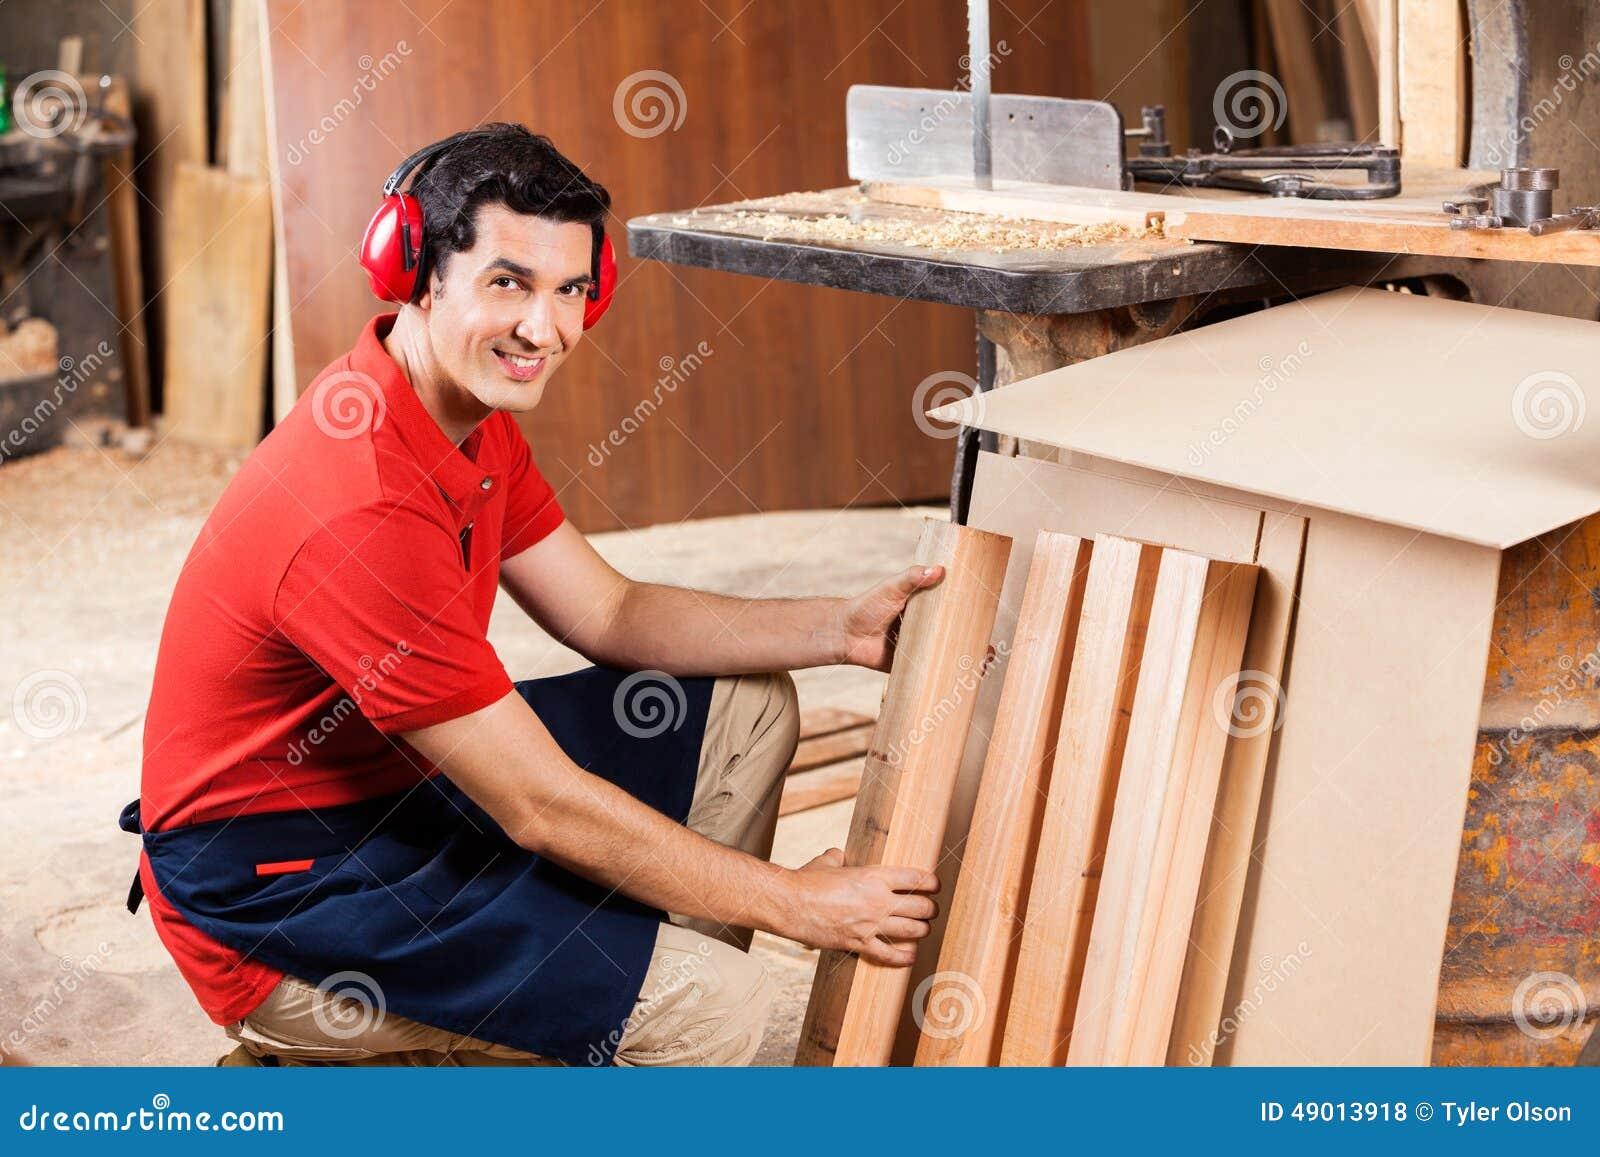 Ξυλουργός που τακτοποιεί τις ξύλινες σανίδες στο εργαστήριο